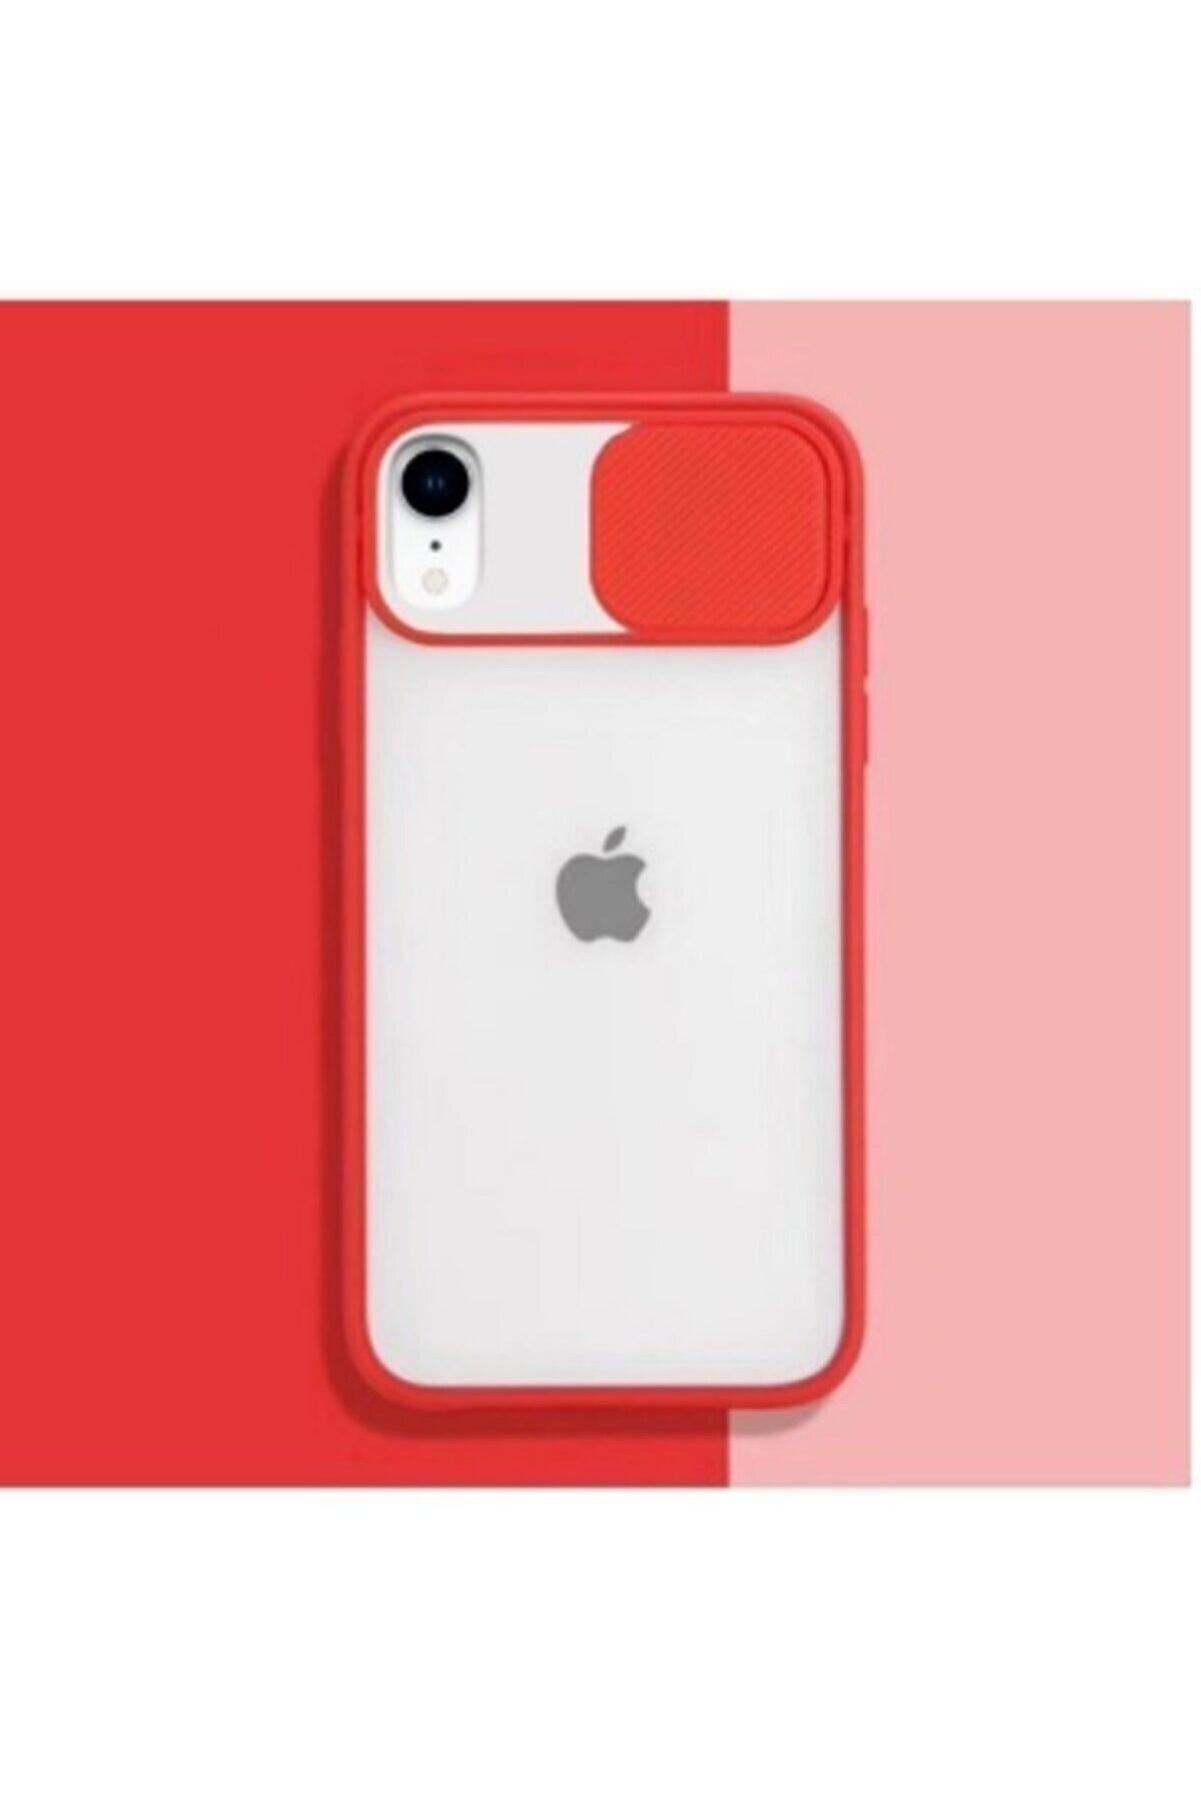 BilisimGo Iphone Xr Uyumlu  Kamera Lens Korumalı Sürgülü Kırmızı Kılıf